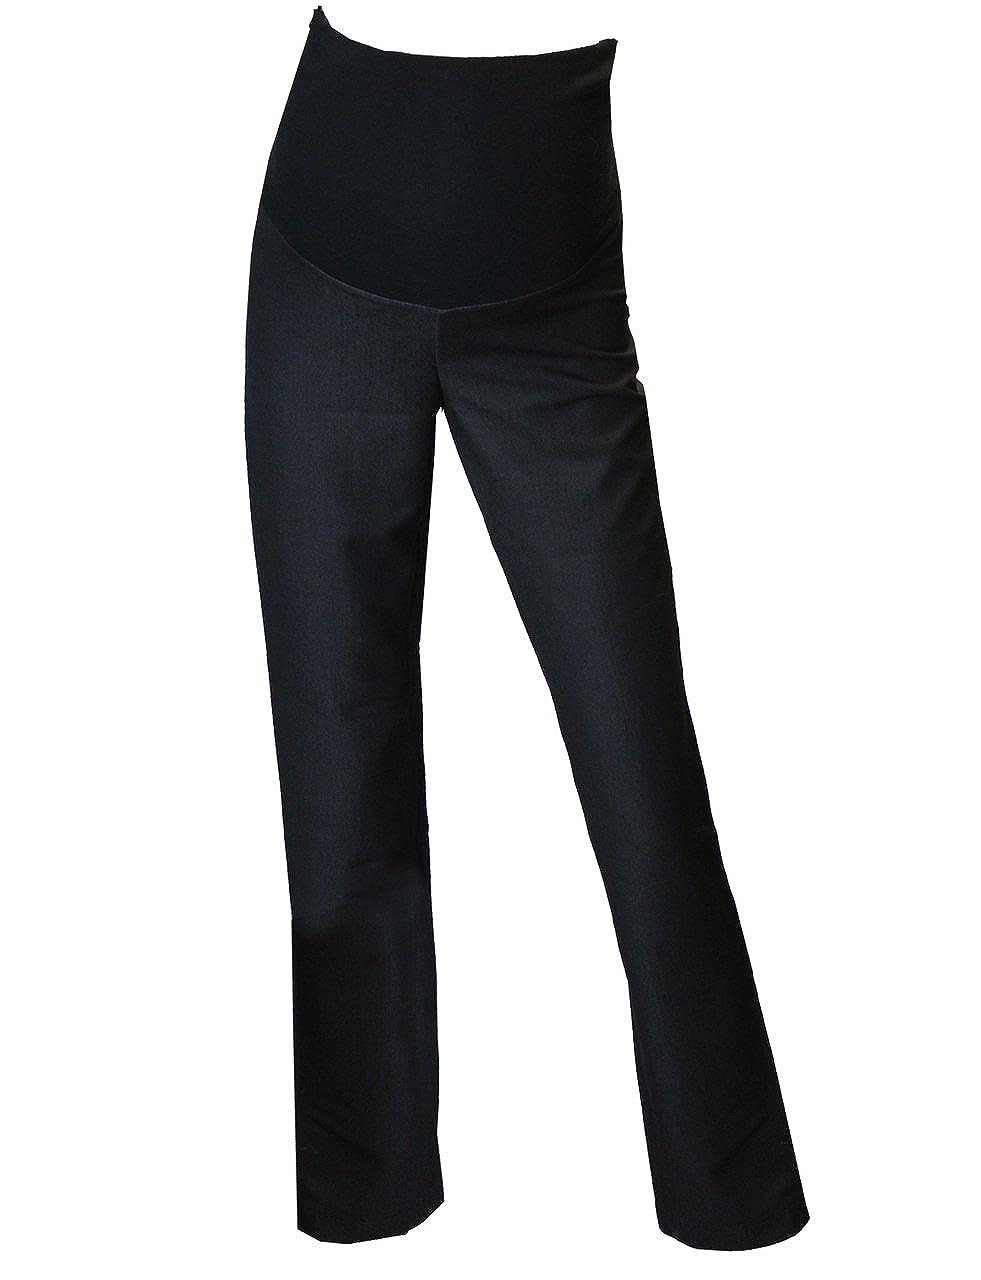 Rose Pixie Top Qualit/é Smart Formelle Travail de Bureau FuturaLondon Maternit/é Grossesse FuturaLondon Fin Pantalon Long